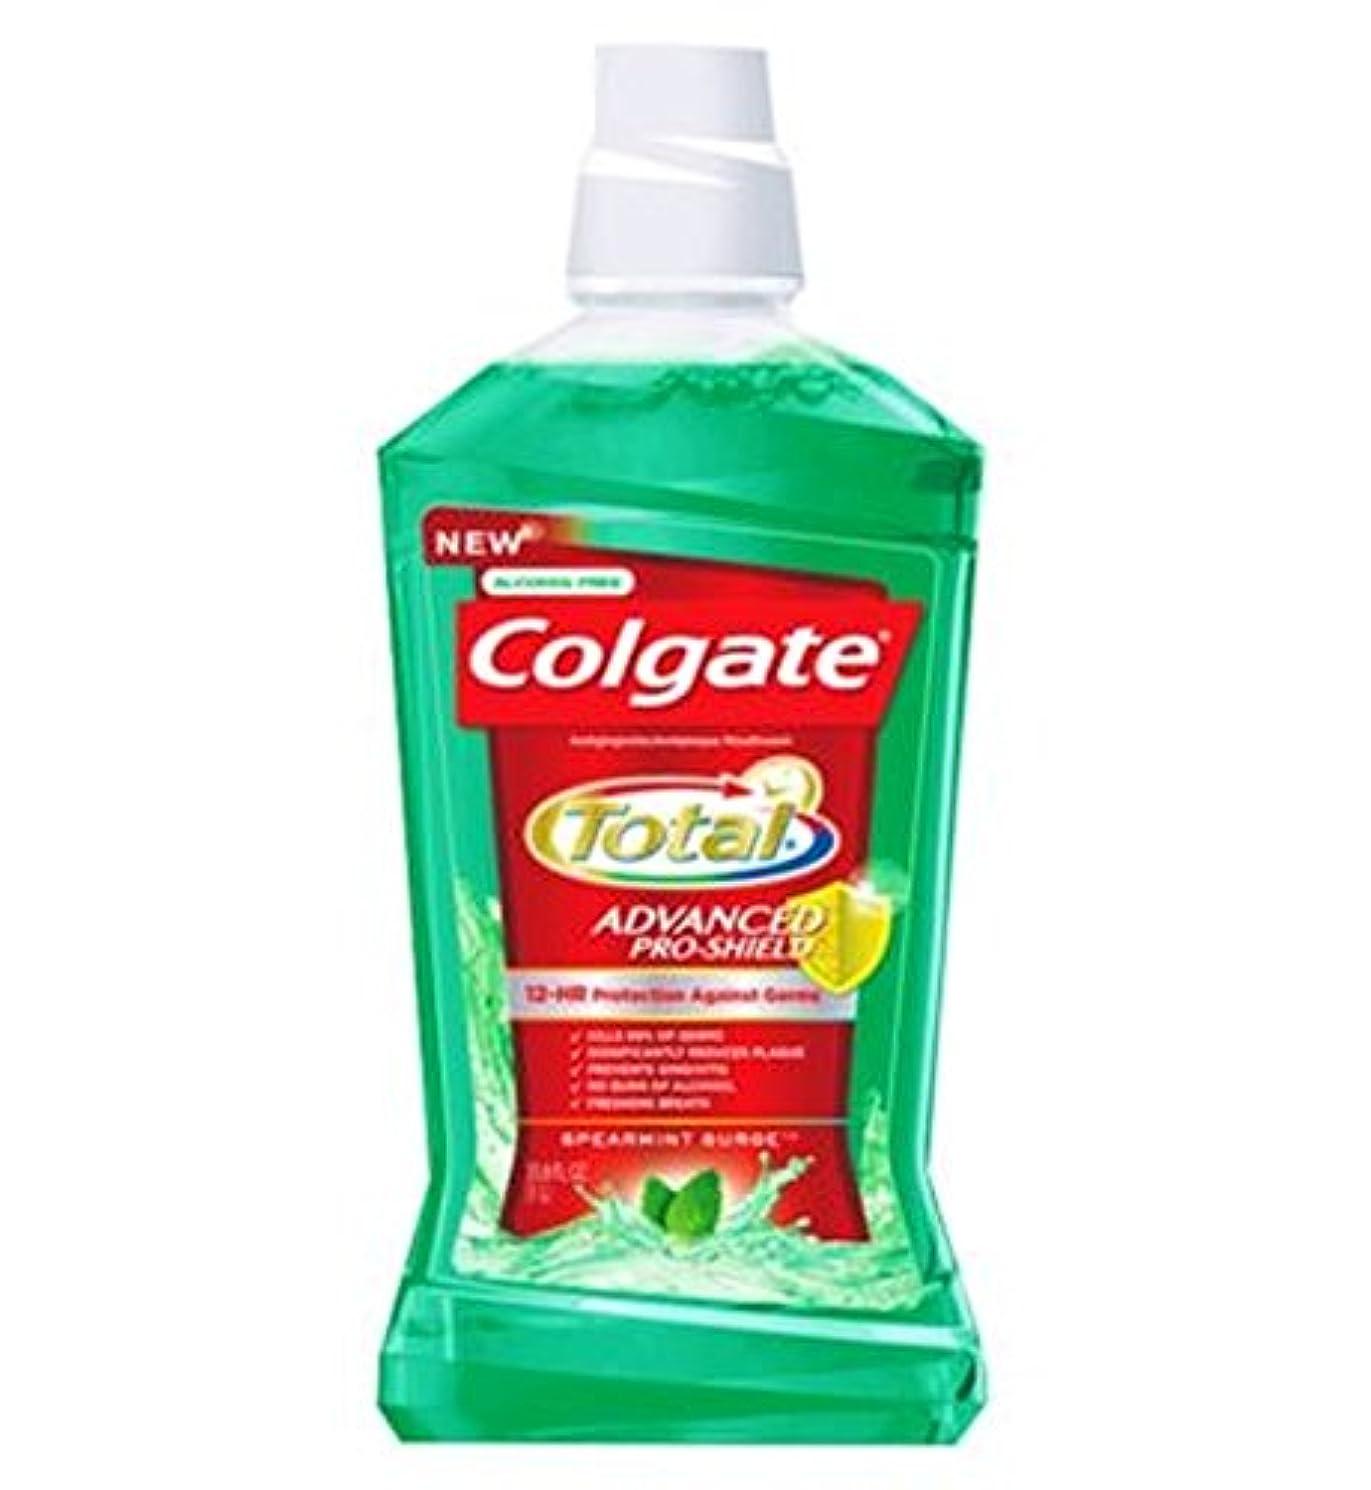 戸惑う腹部小間コルゲートの口内洗浄剤の合計緑500ミリリットル (Colgate) (x2) - Colgate Mouthrinse Total Green 500ml (Pack of 2) [並行輸入品]